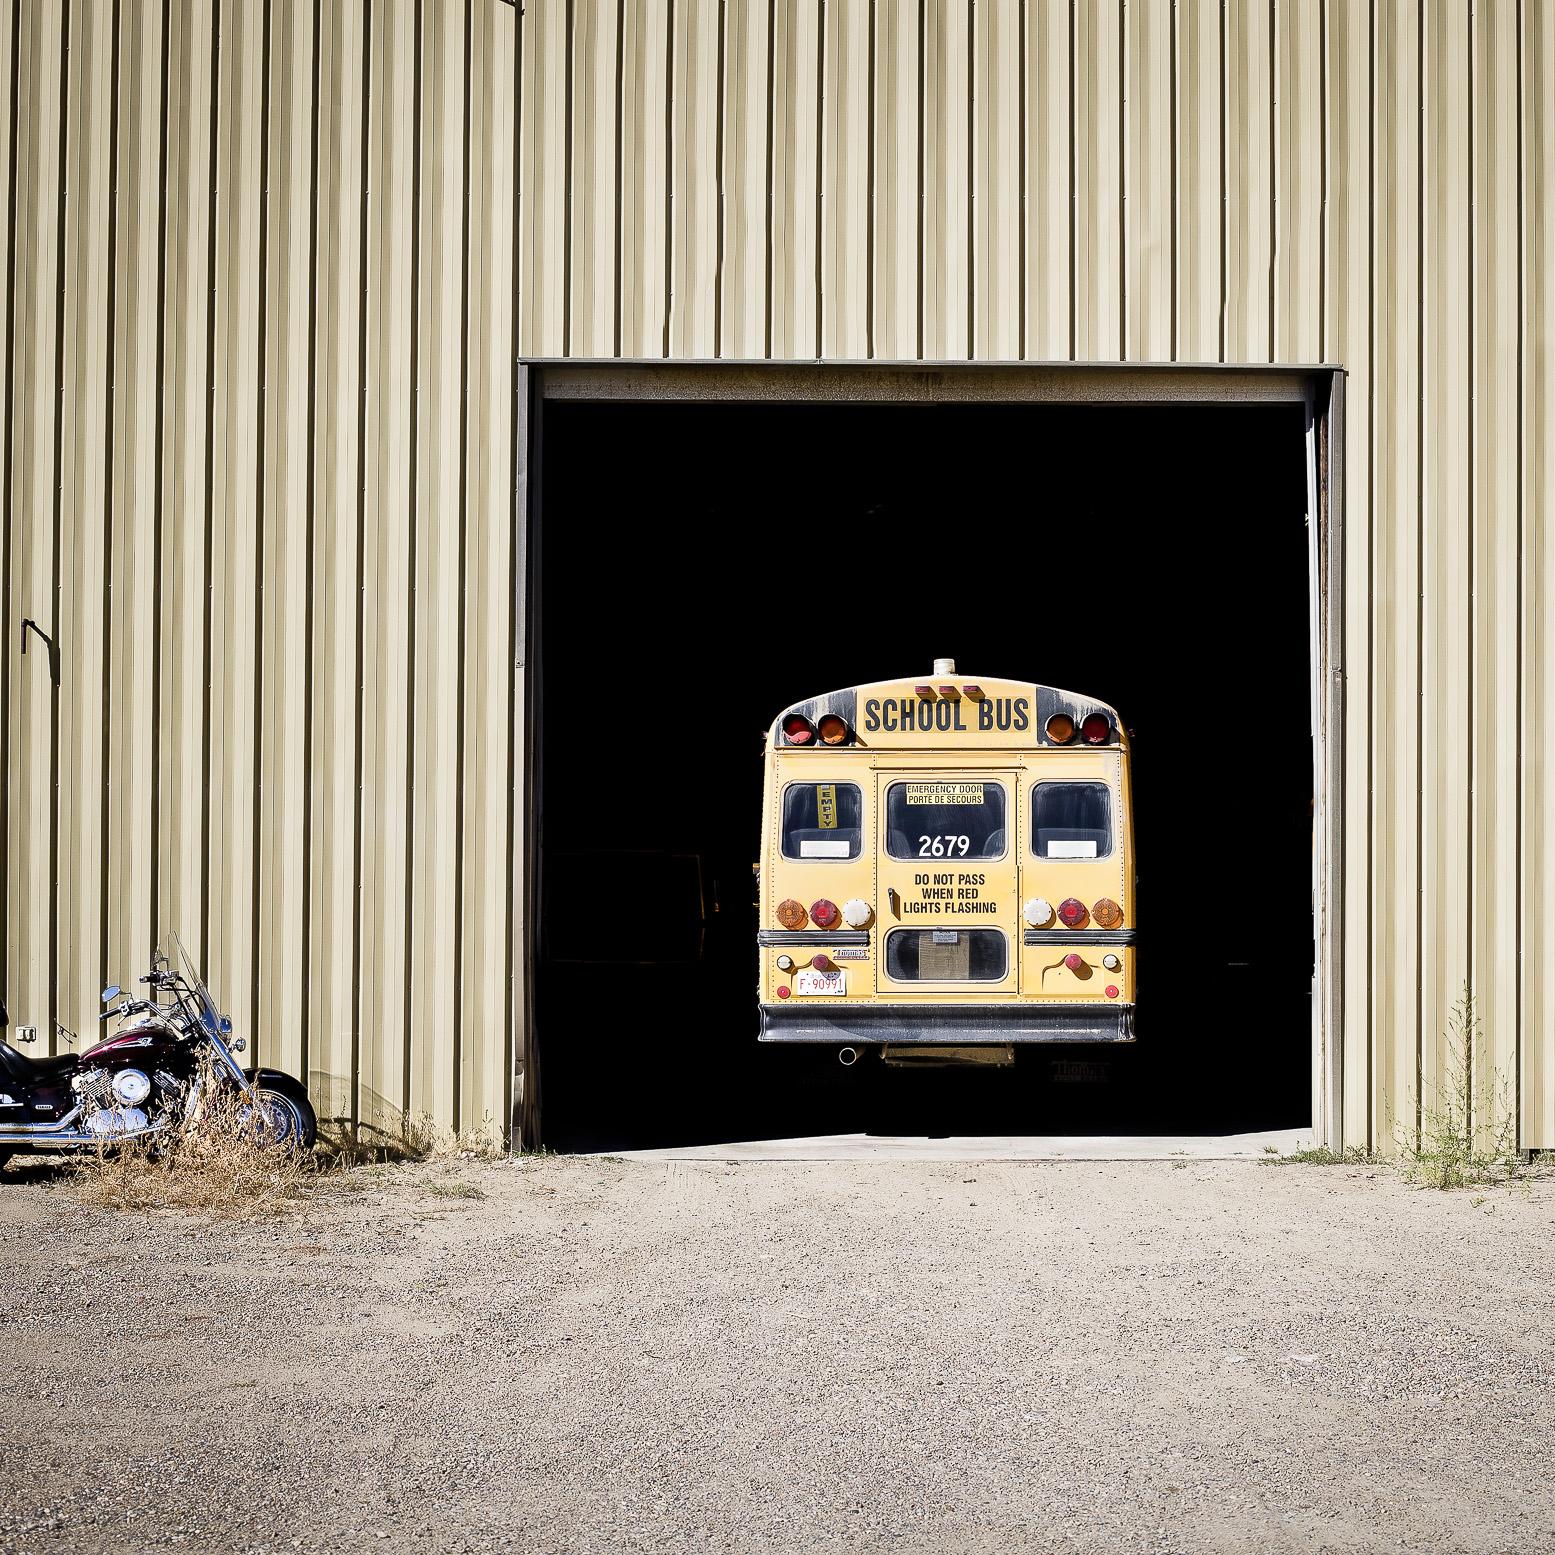 schoolbus01.jpg